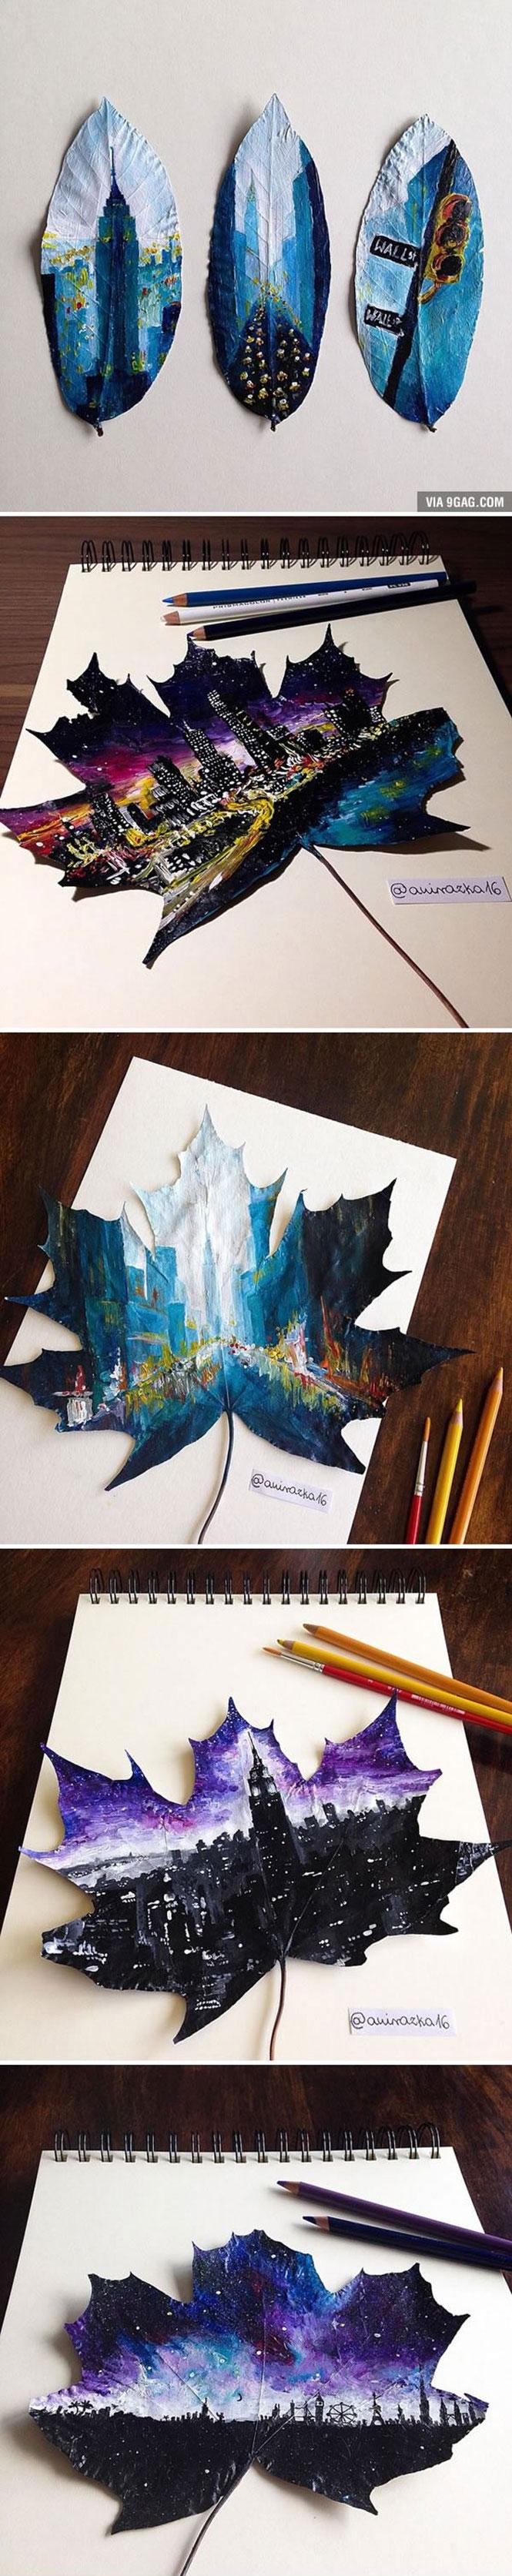 Πολωνή καλλιτέχνις χρησιμοποιεί φθινοπωρινά φύλλα ως καμβά για την ζωγραφική της (1)